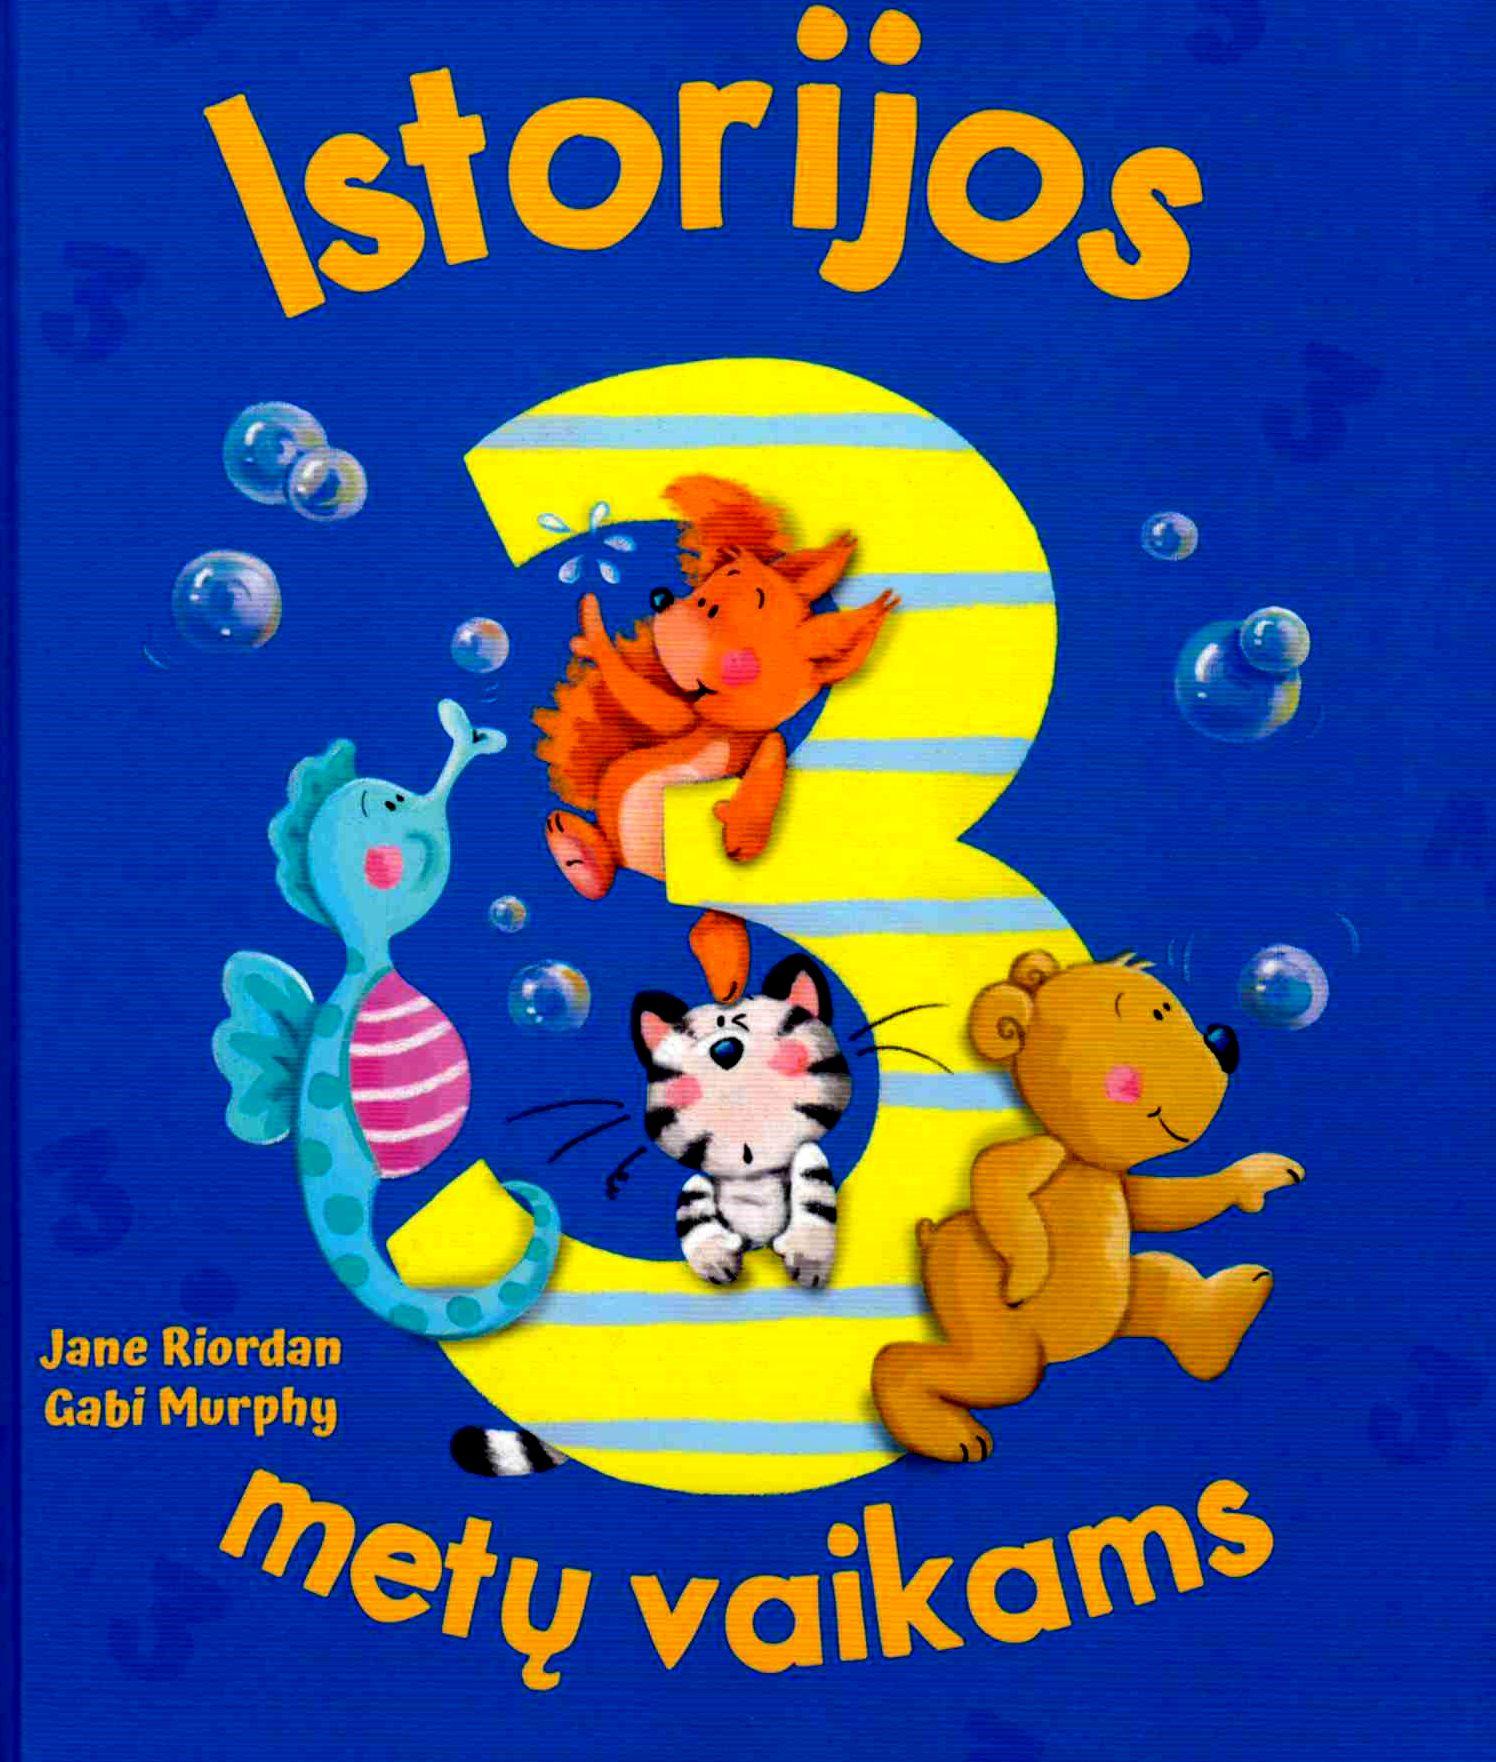 Istorijos 3 metų vaikams